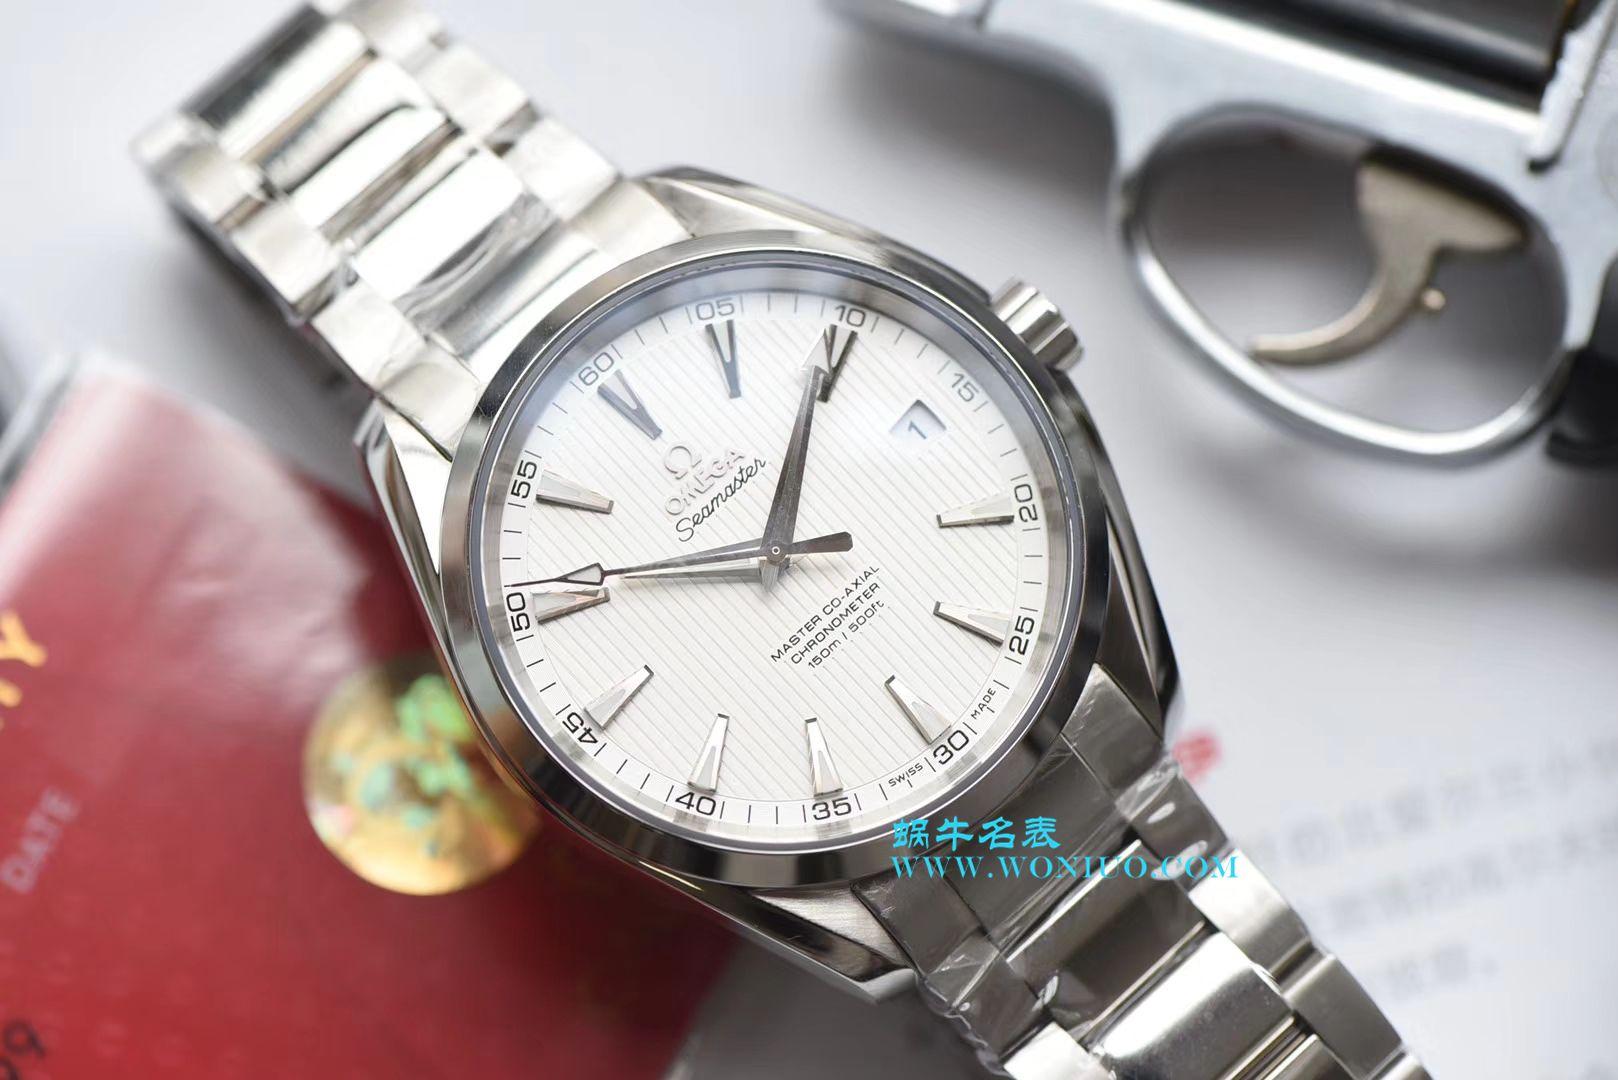 【VS一比一超A高仿手表】欧米茄海马系列231.10.42.21.02.003腕表 / M352